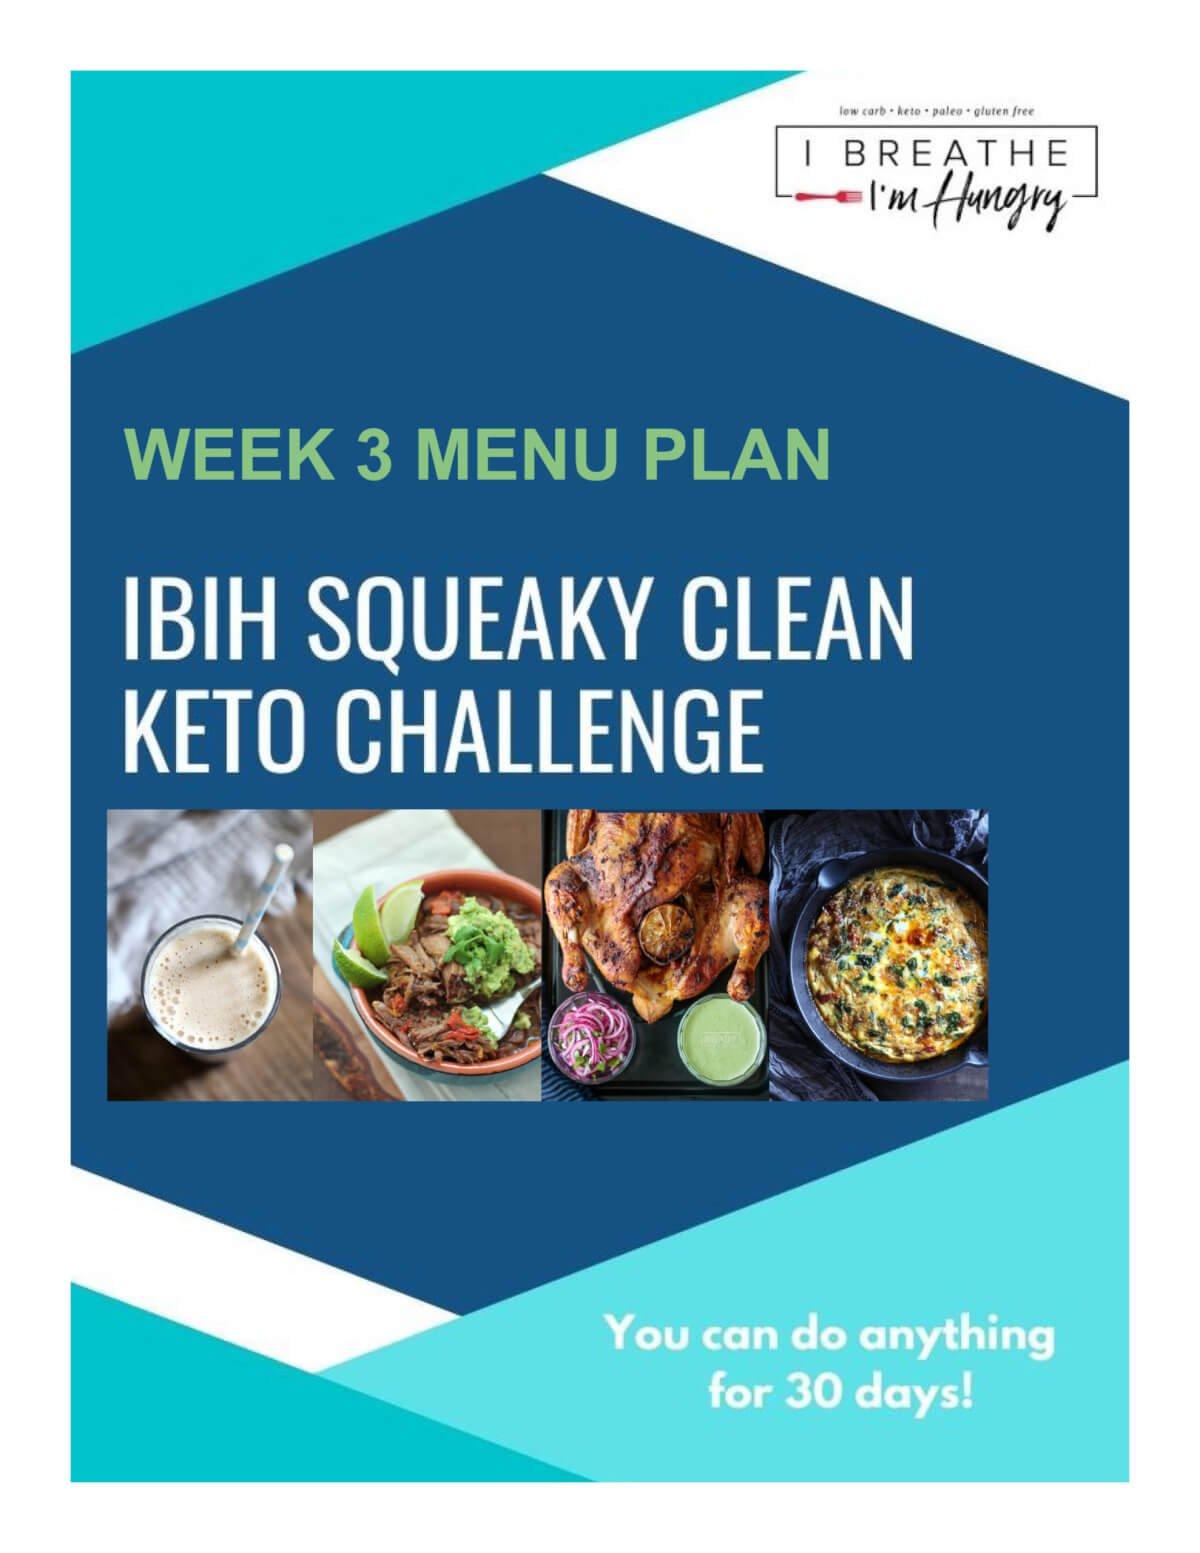 Week 3 SCKC Meal Plan Poster